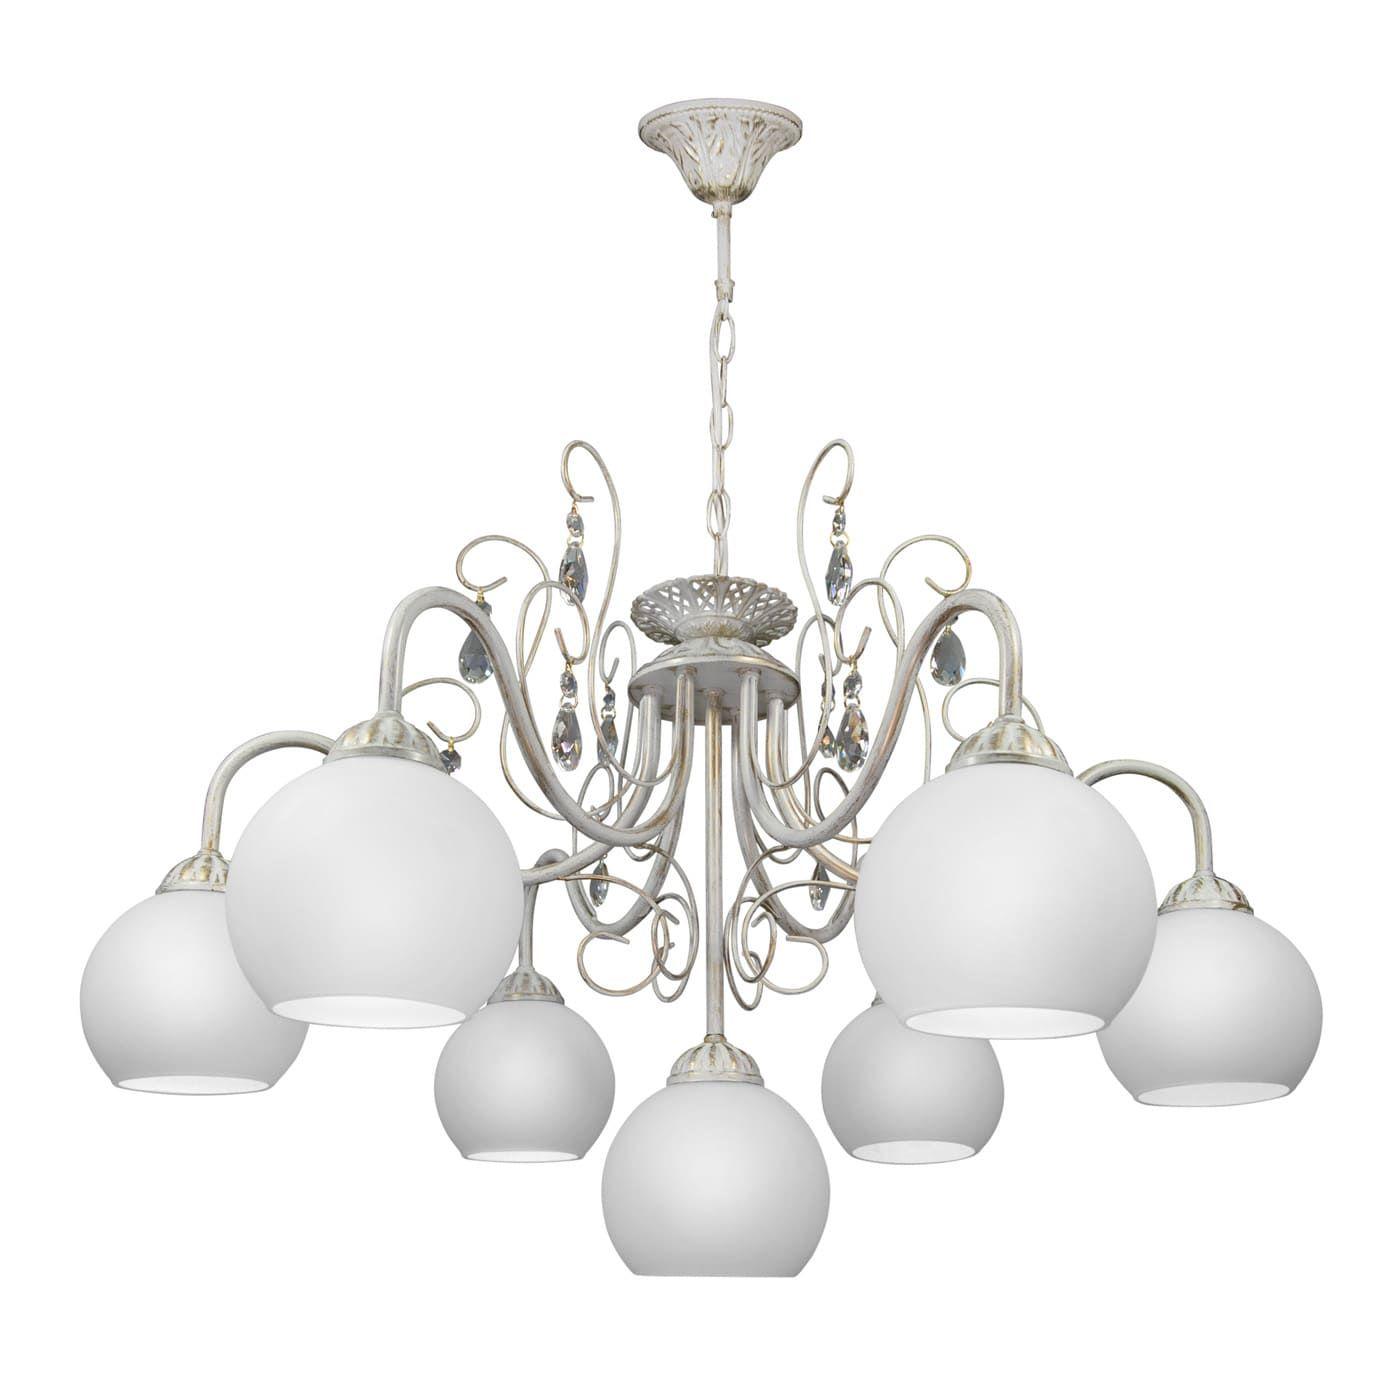 PETRASVET / Suspended chandelier S2404-7, 7xE27 max. 60W